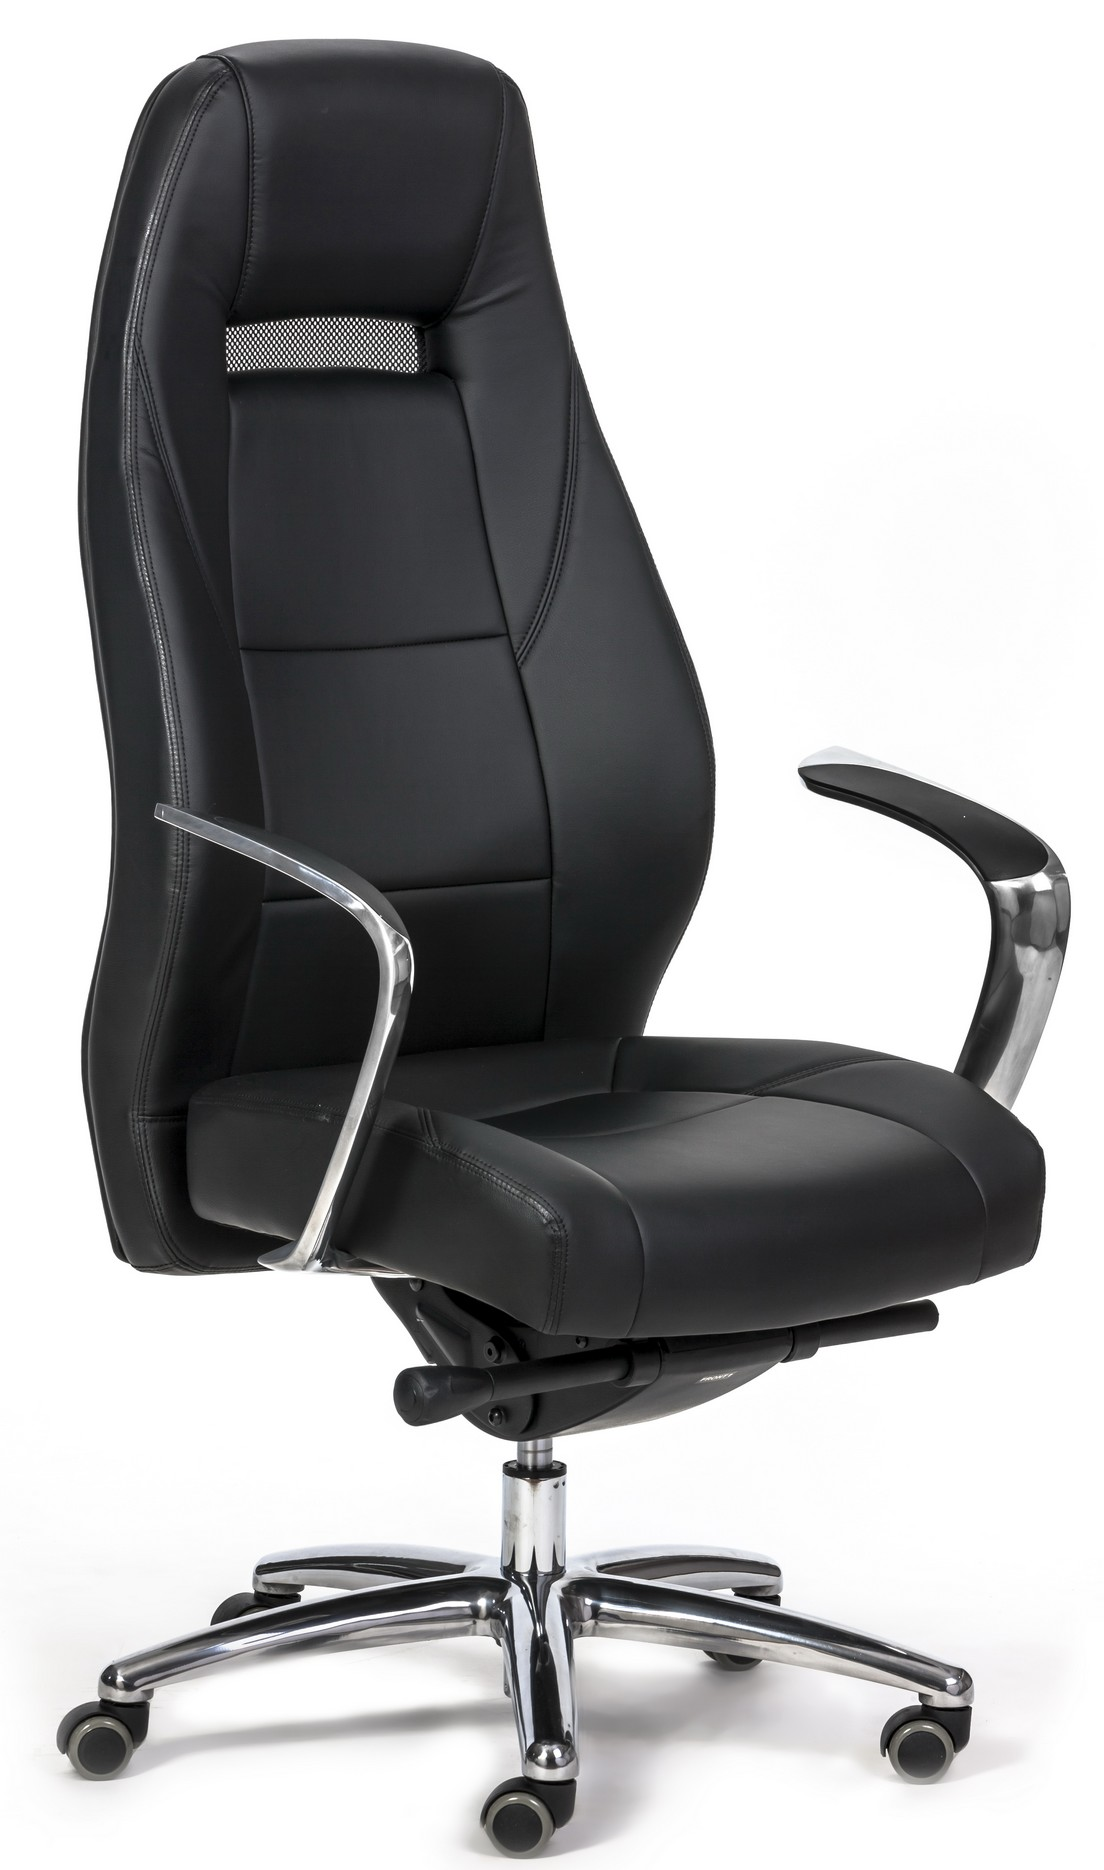 כסא מנהלים מפואר לכבדי משקל דגם ג'ימיני